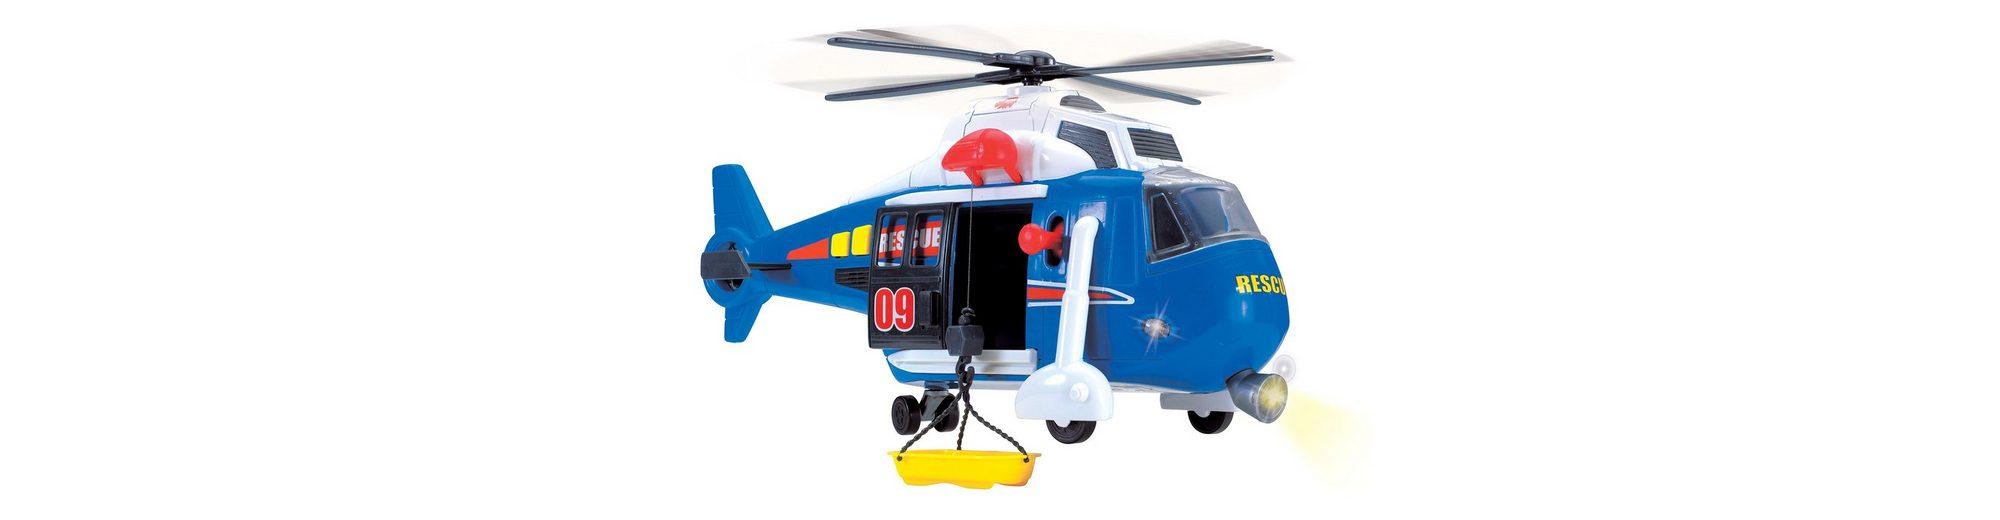 Dickie Helikopter mit drehbarem Rotor, Licht und Sound